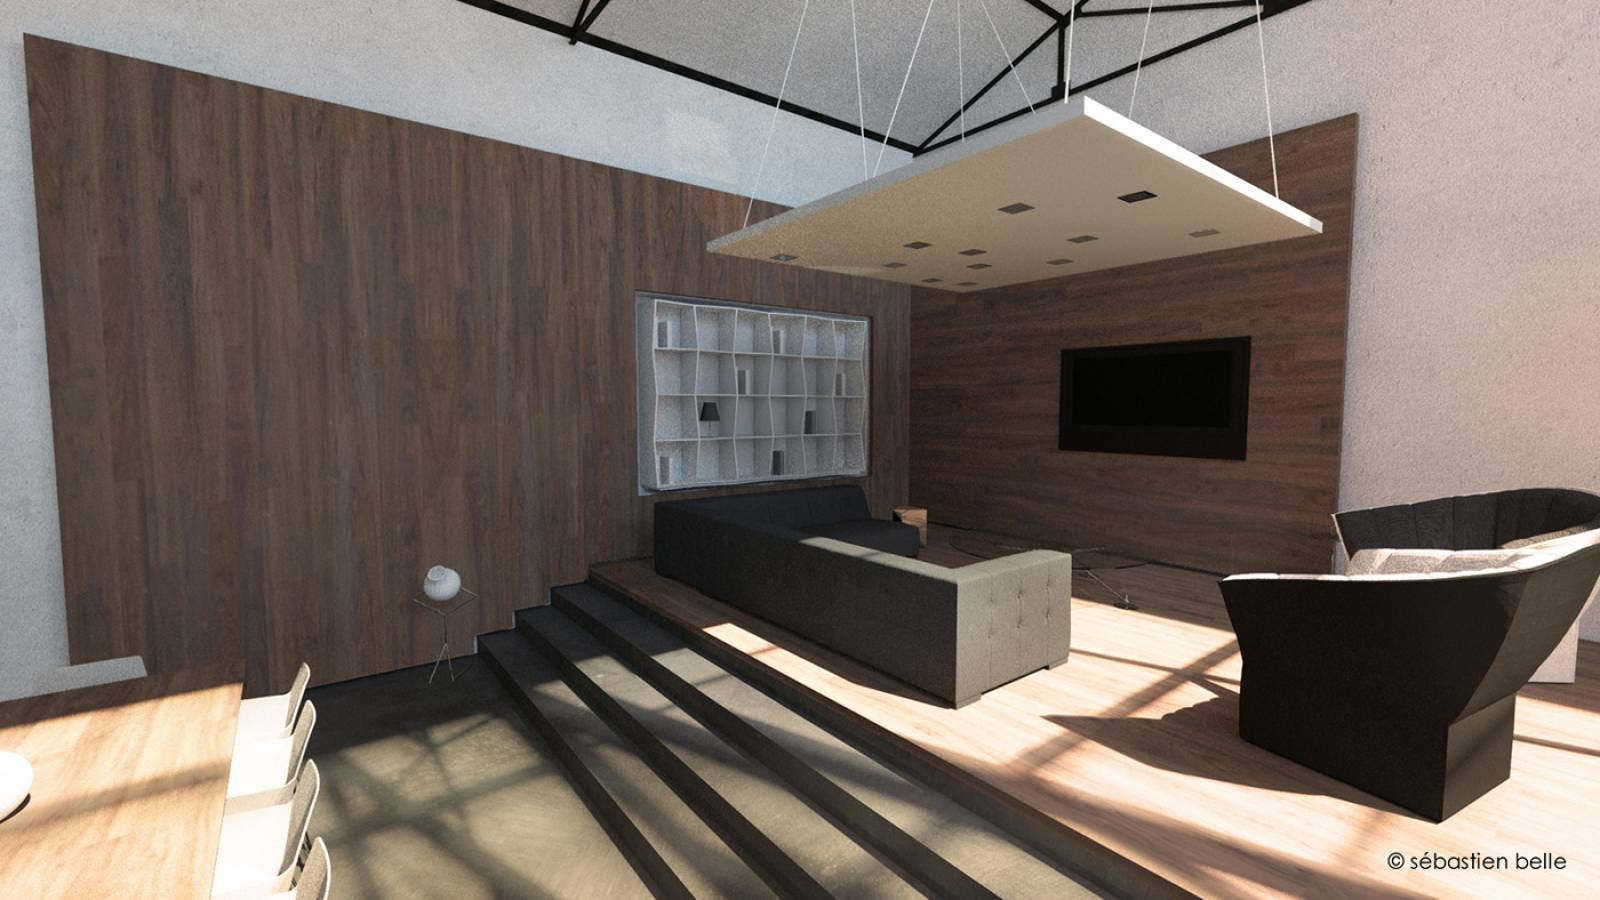 Am nagement loft s lyon en rh ne architecte a2 sb for College lasalle design interieur